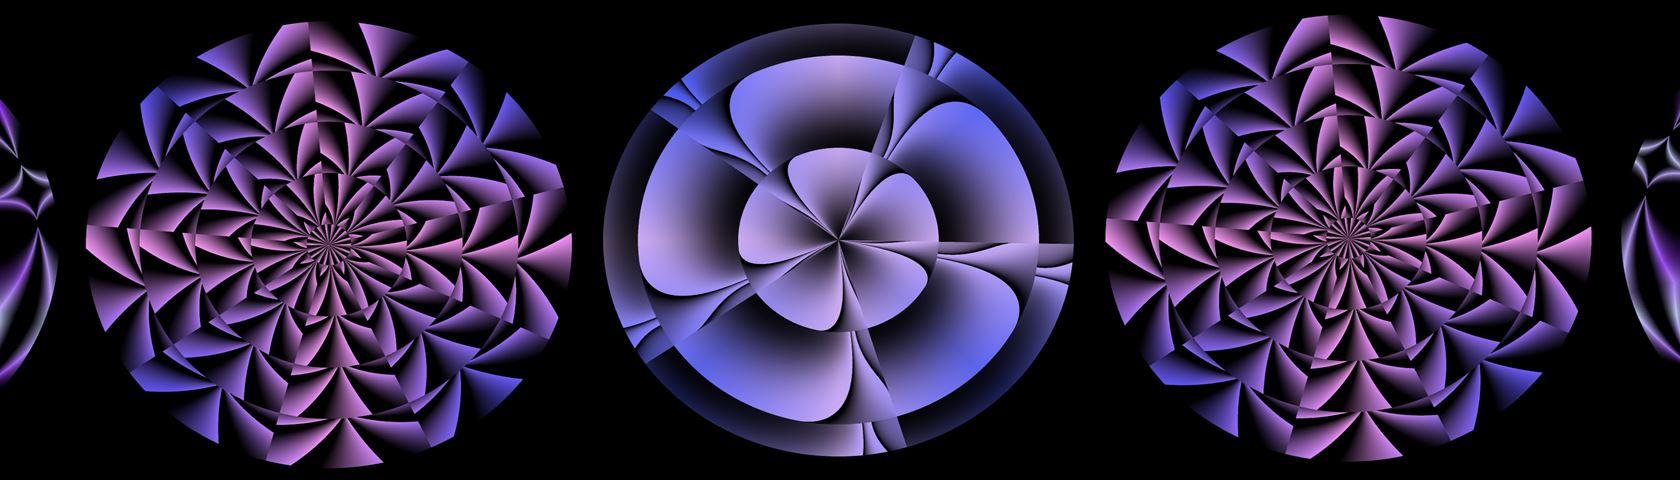 Spiro Patterns